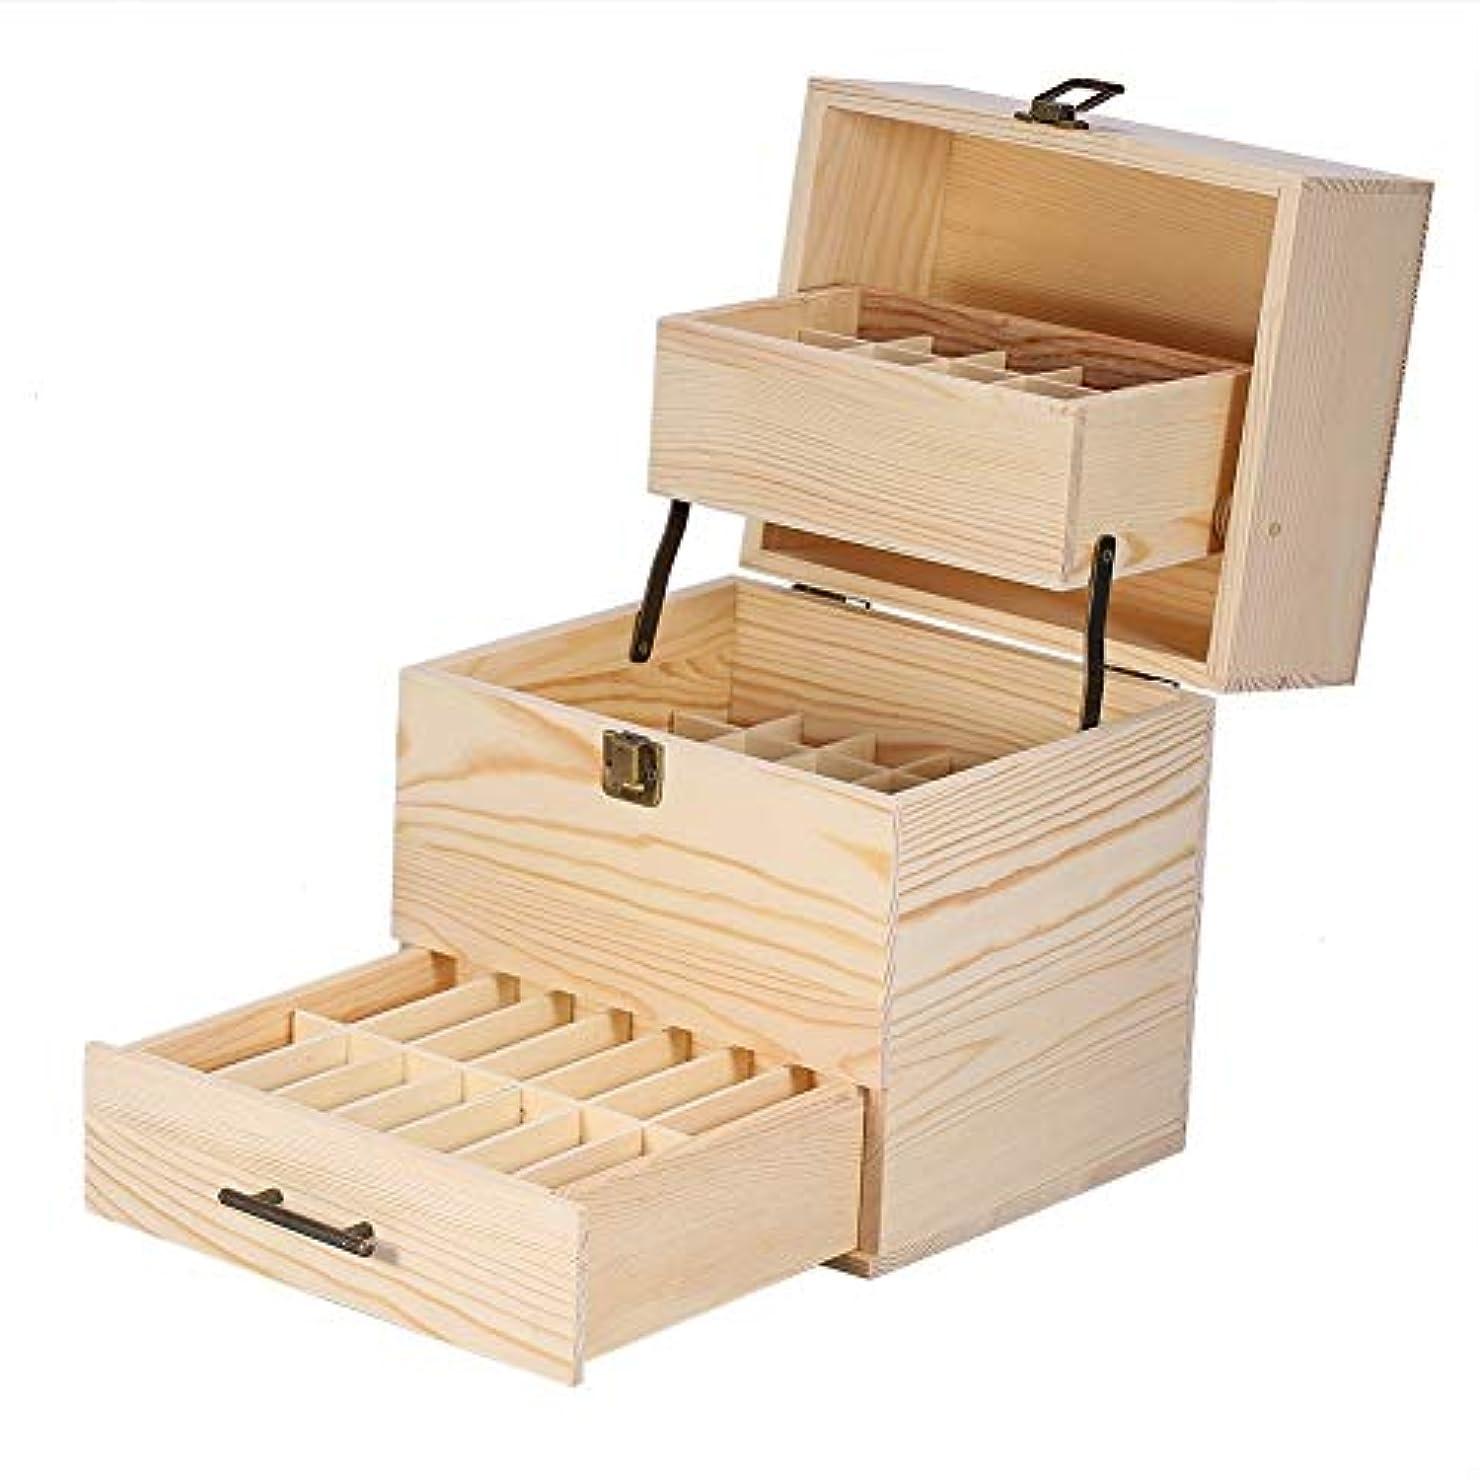 難破船害虫生き返らせる木製の三層エッセンシャルオイル収納ボックス